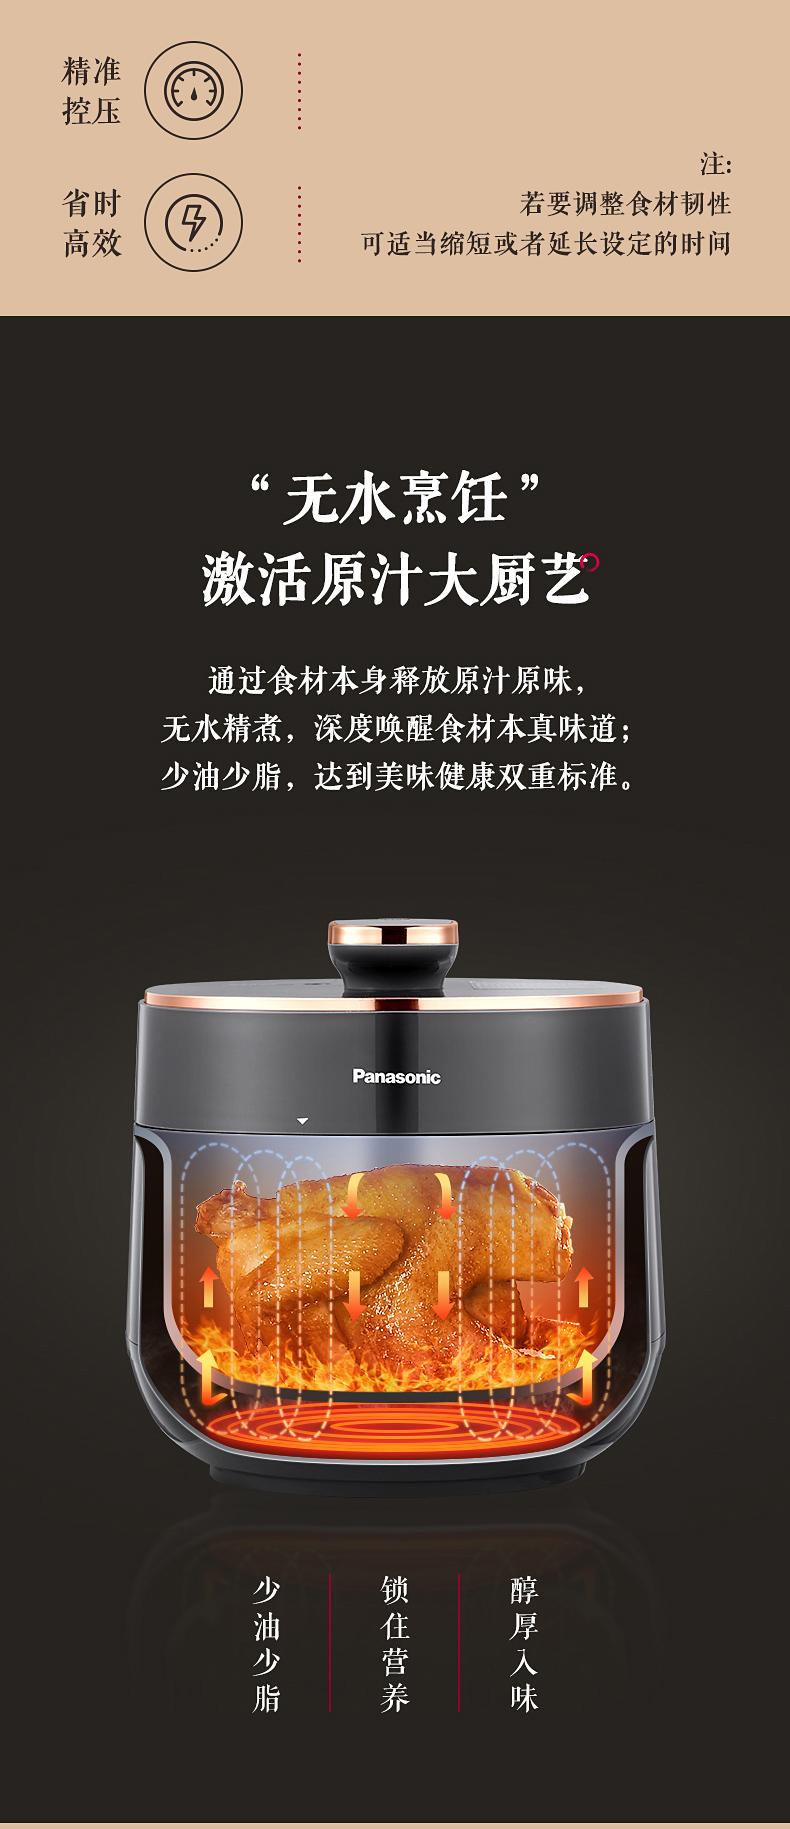 松下( Panasonic) 电压力锅小型高压锅迷你2人3人全自动排气炖肉柴火饭一人食家用PB201 SR-PB201-B 单胆